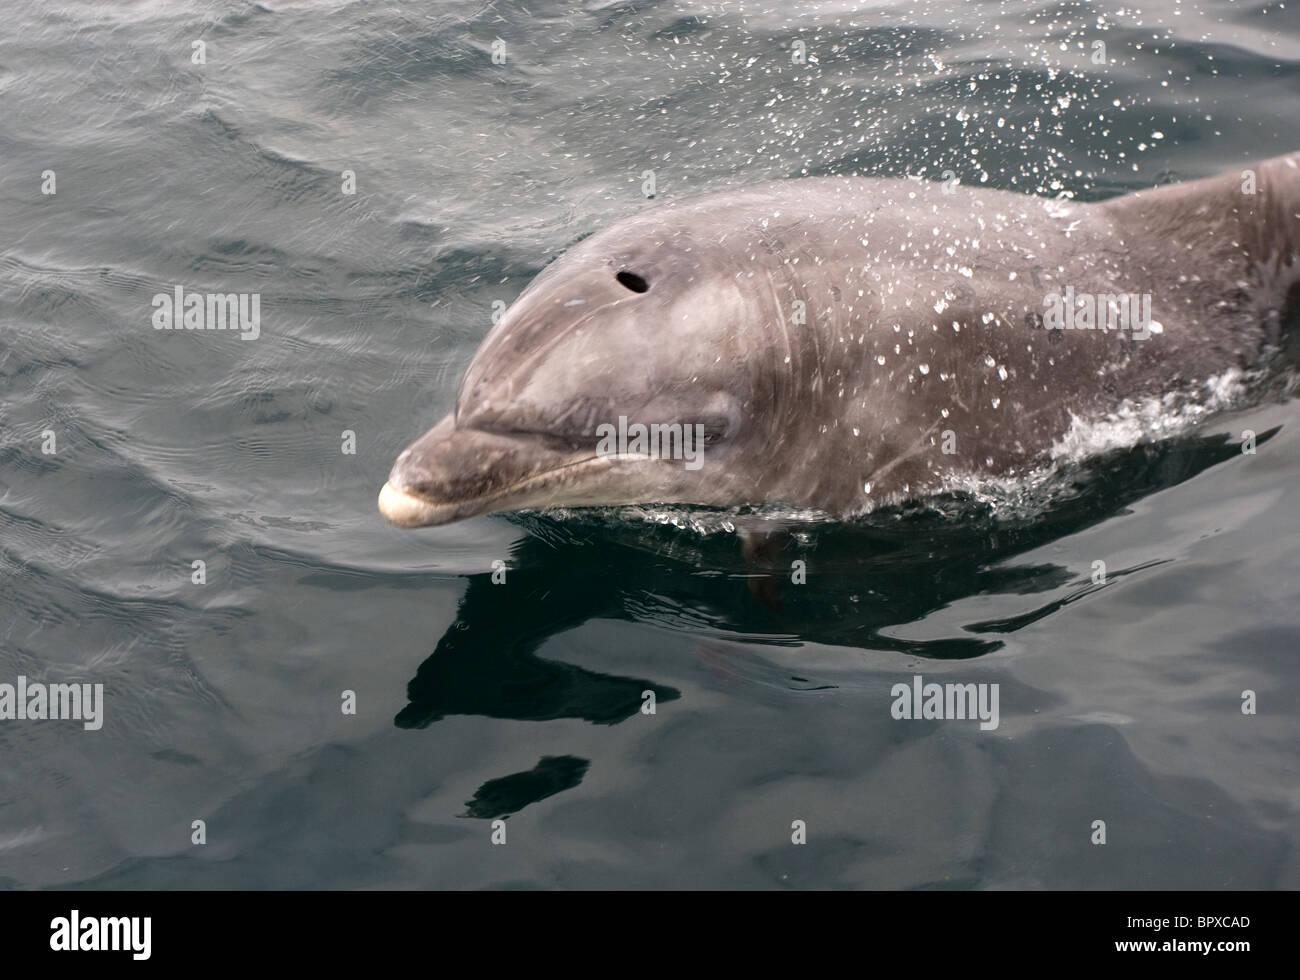 Un Delfín Mular nadar en el Atlántico, a 10 millas al noroeste de Hayle, Cornwall. Foto de stock